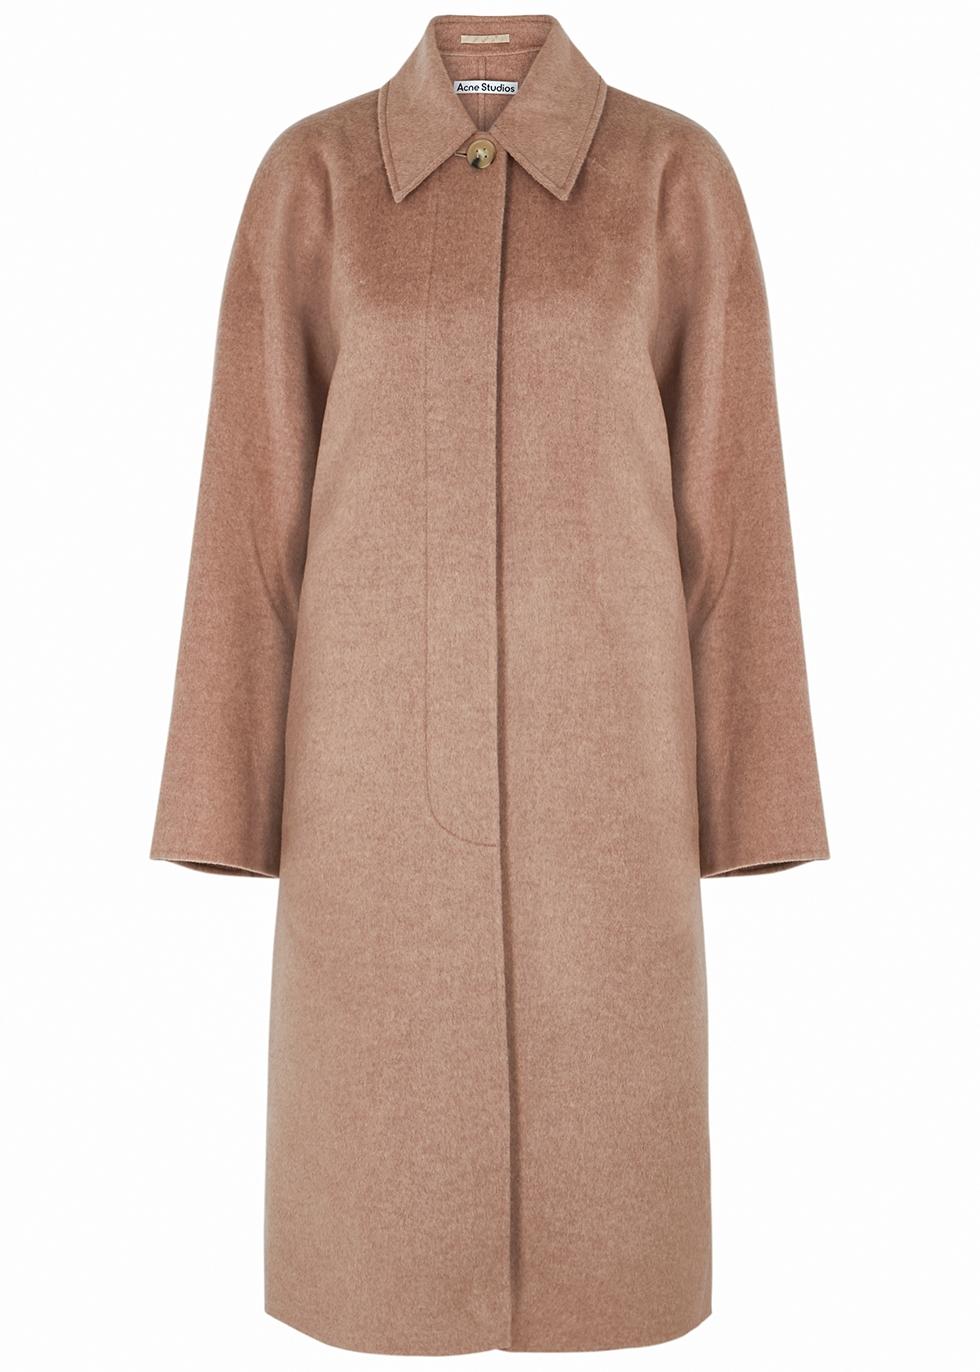 Orea camel belted wool coat